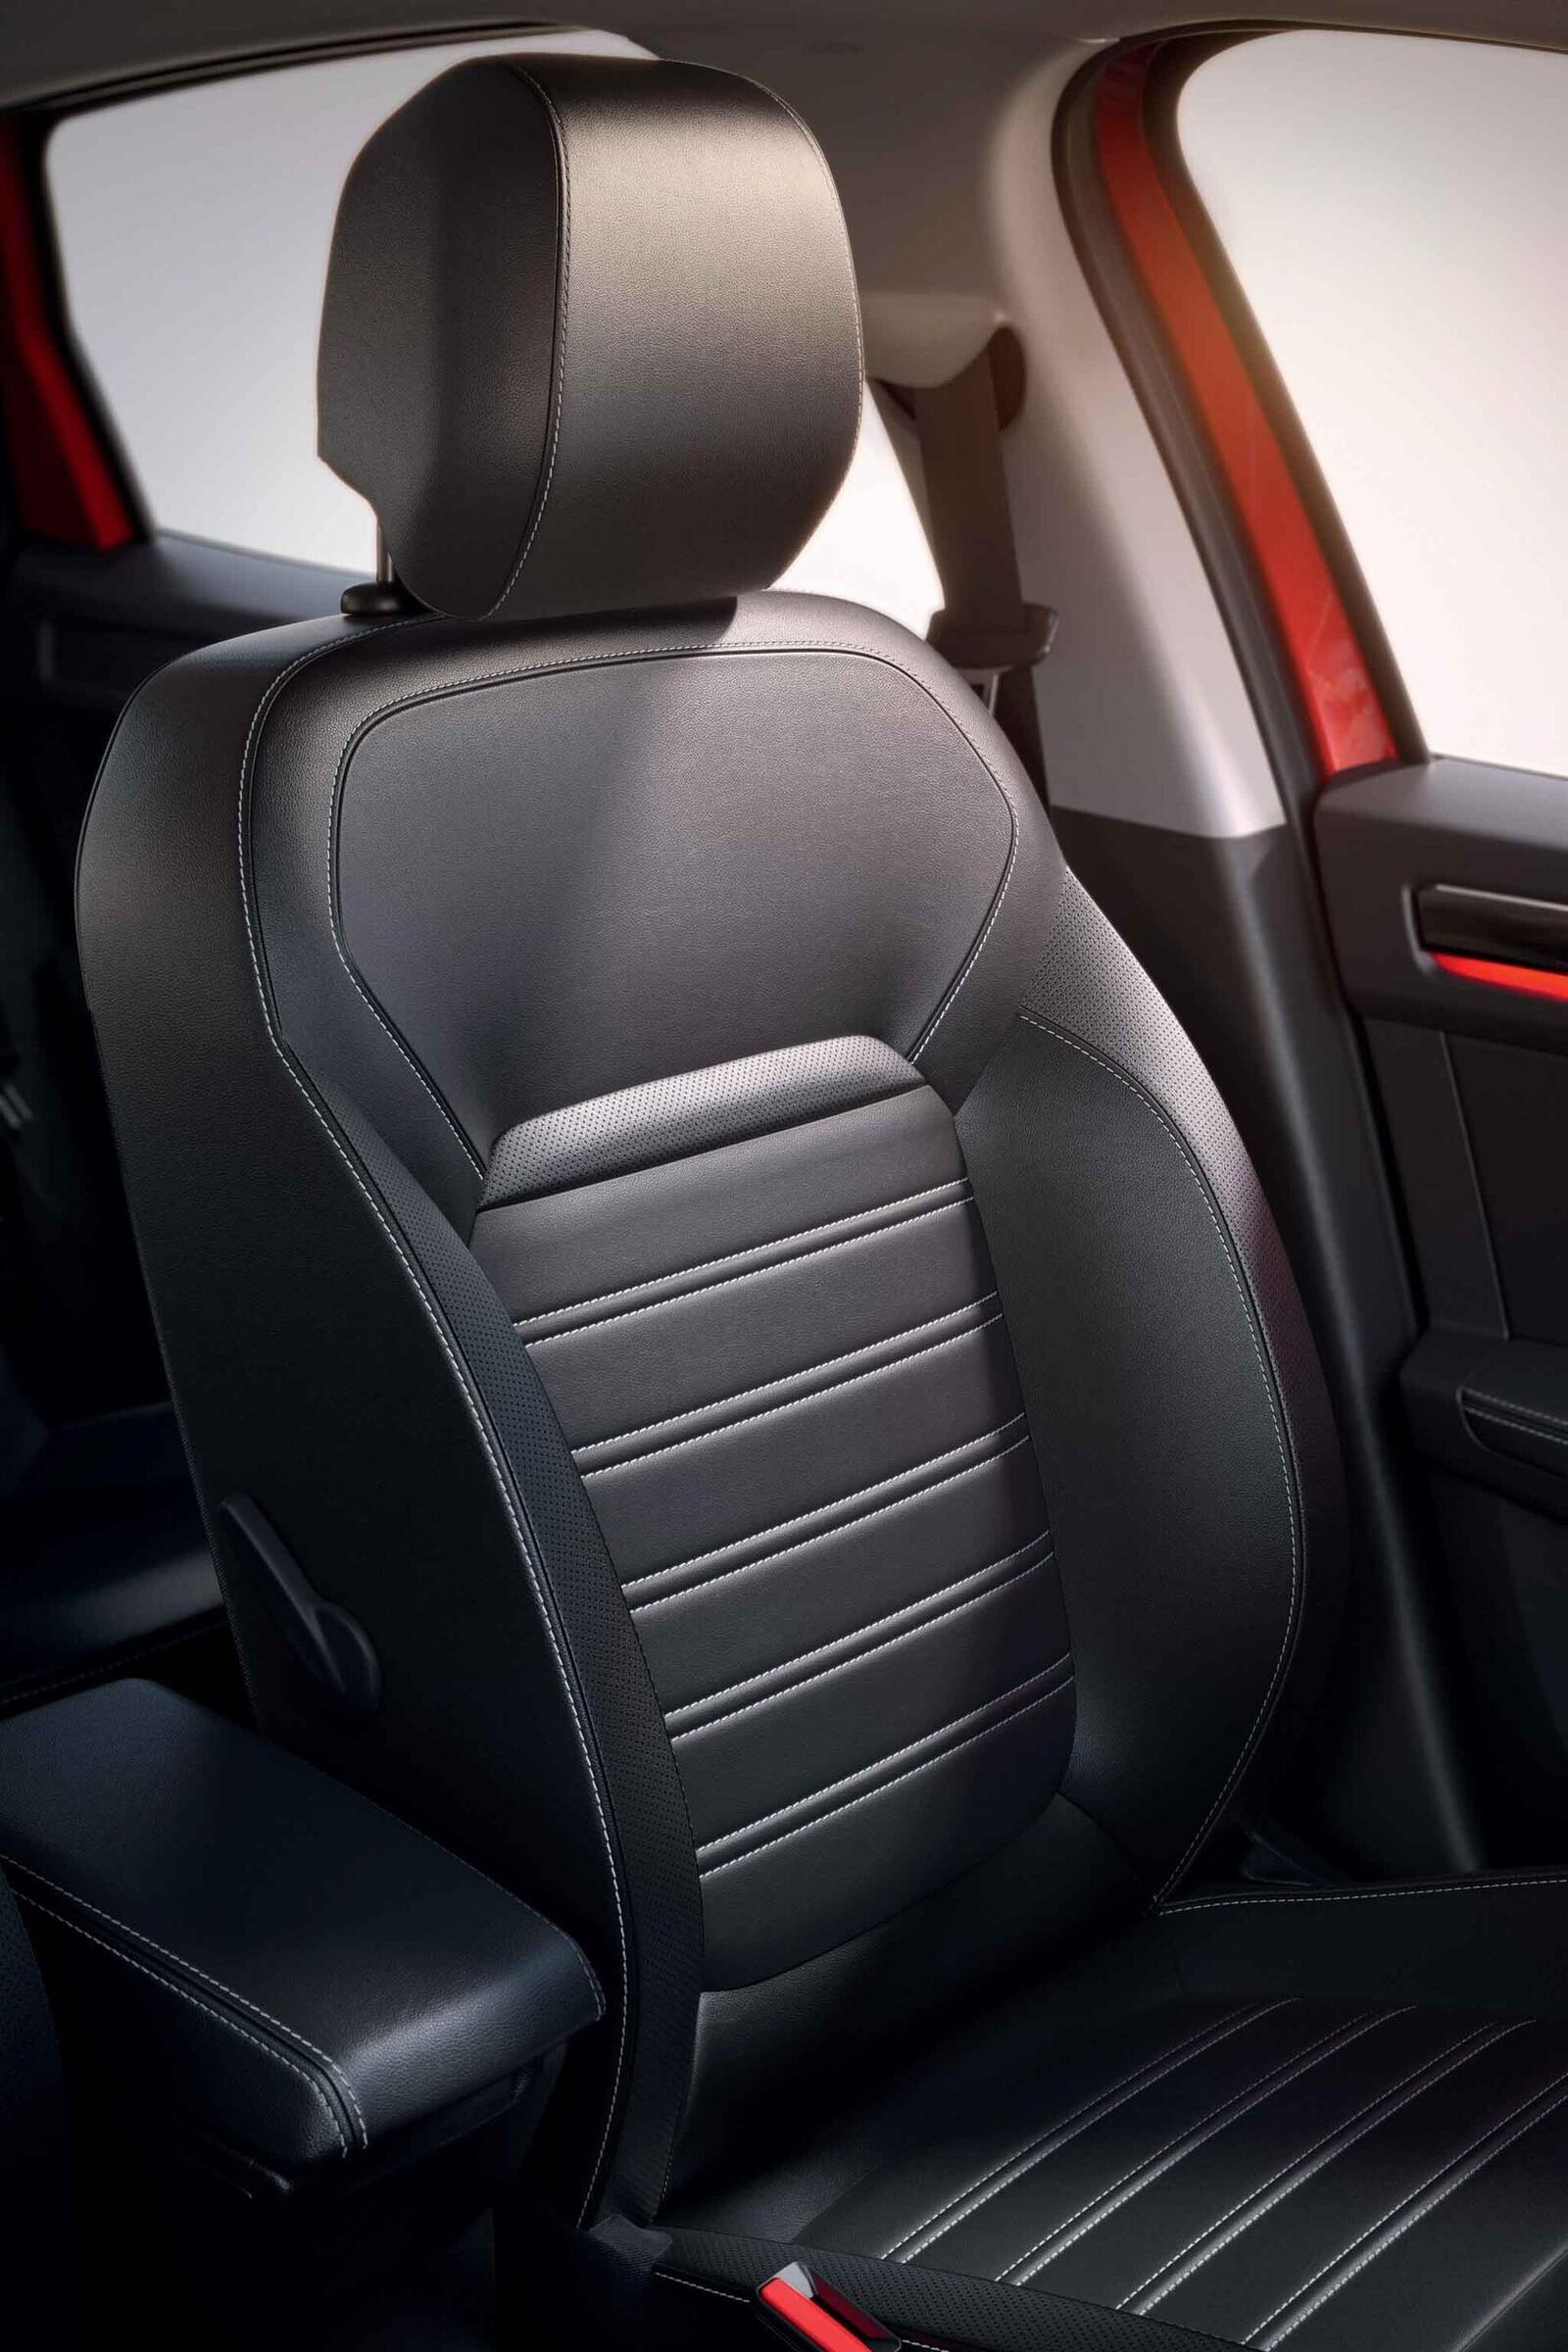 Renault giới thiệu Arkana mới: SUV Coupe mang thiết kế tương tự BMW X6 - Hình 11